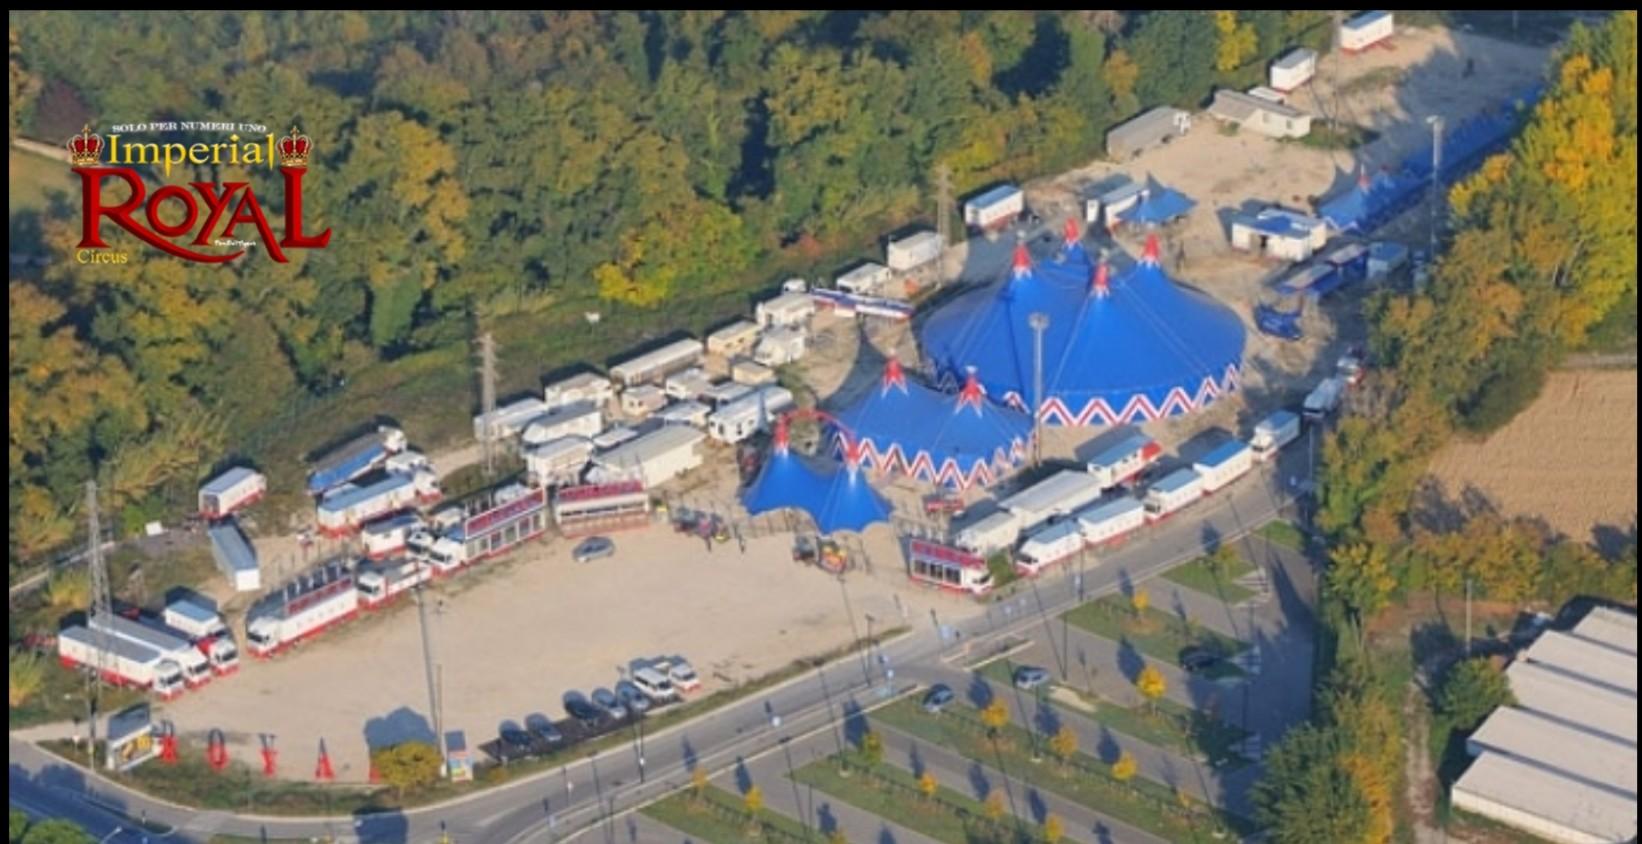 Imperial Royal Circus